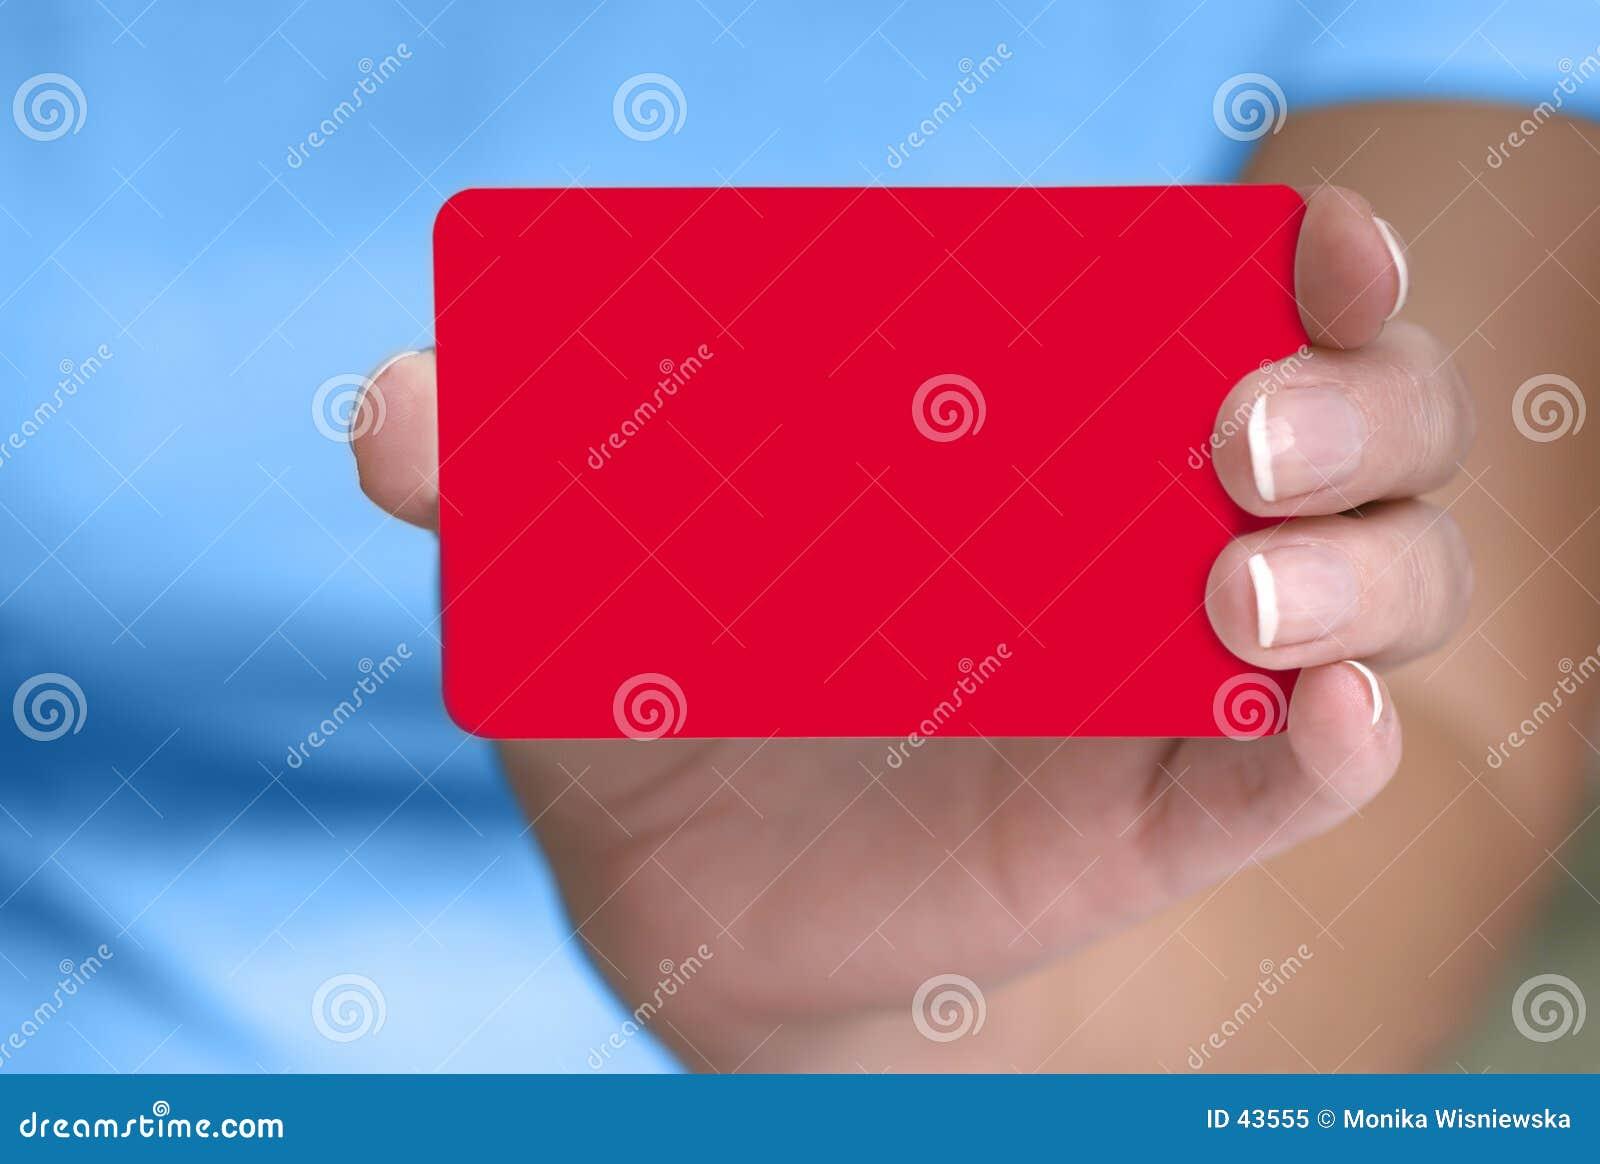 Hand, die unbelegte Karte zeigt